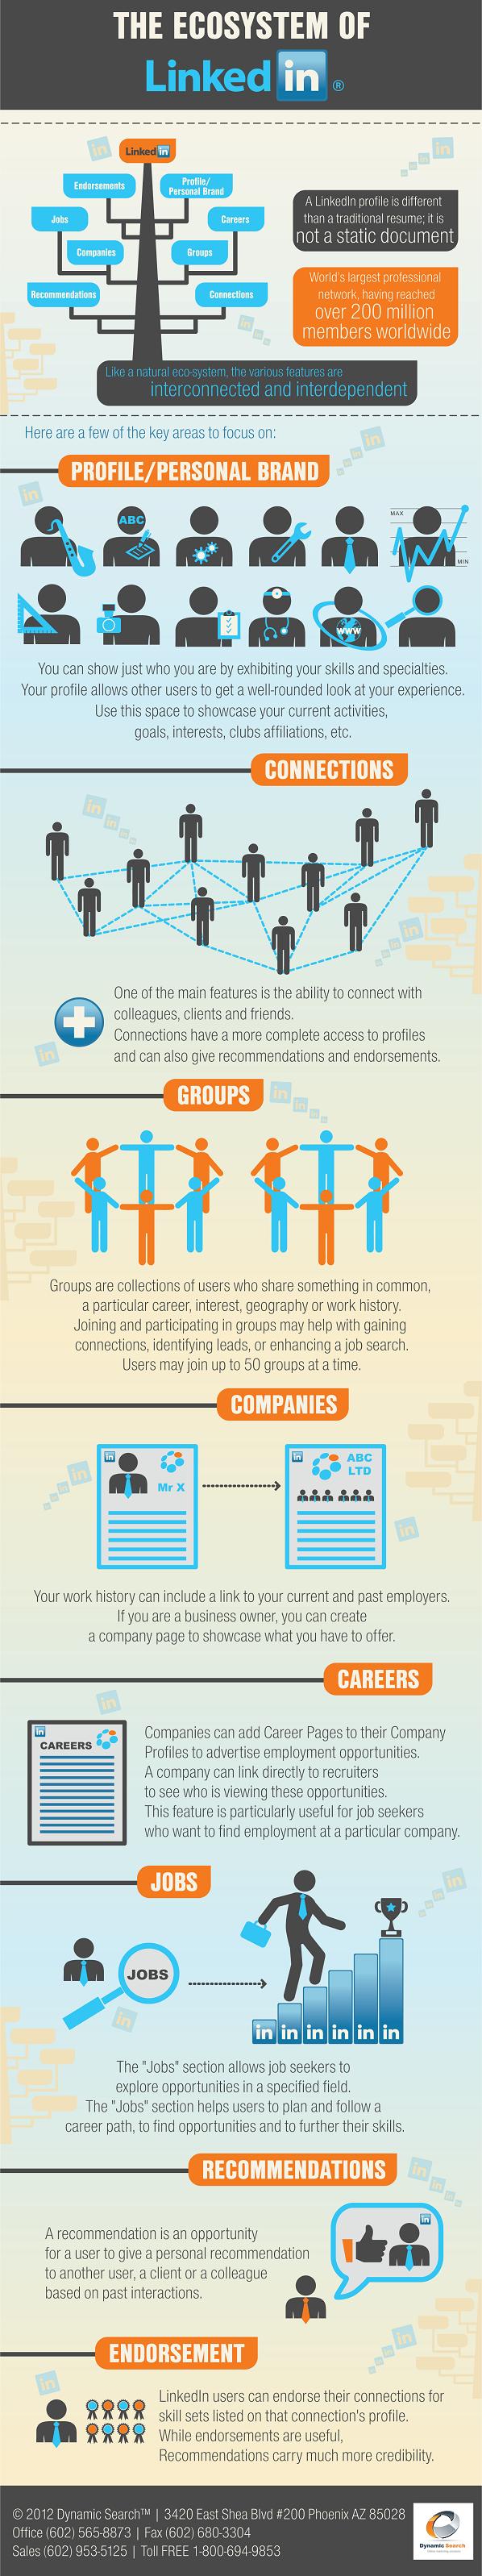 Het ecosysteem van LinkedIn als basis voor een LinkedIn profiel